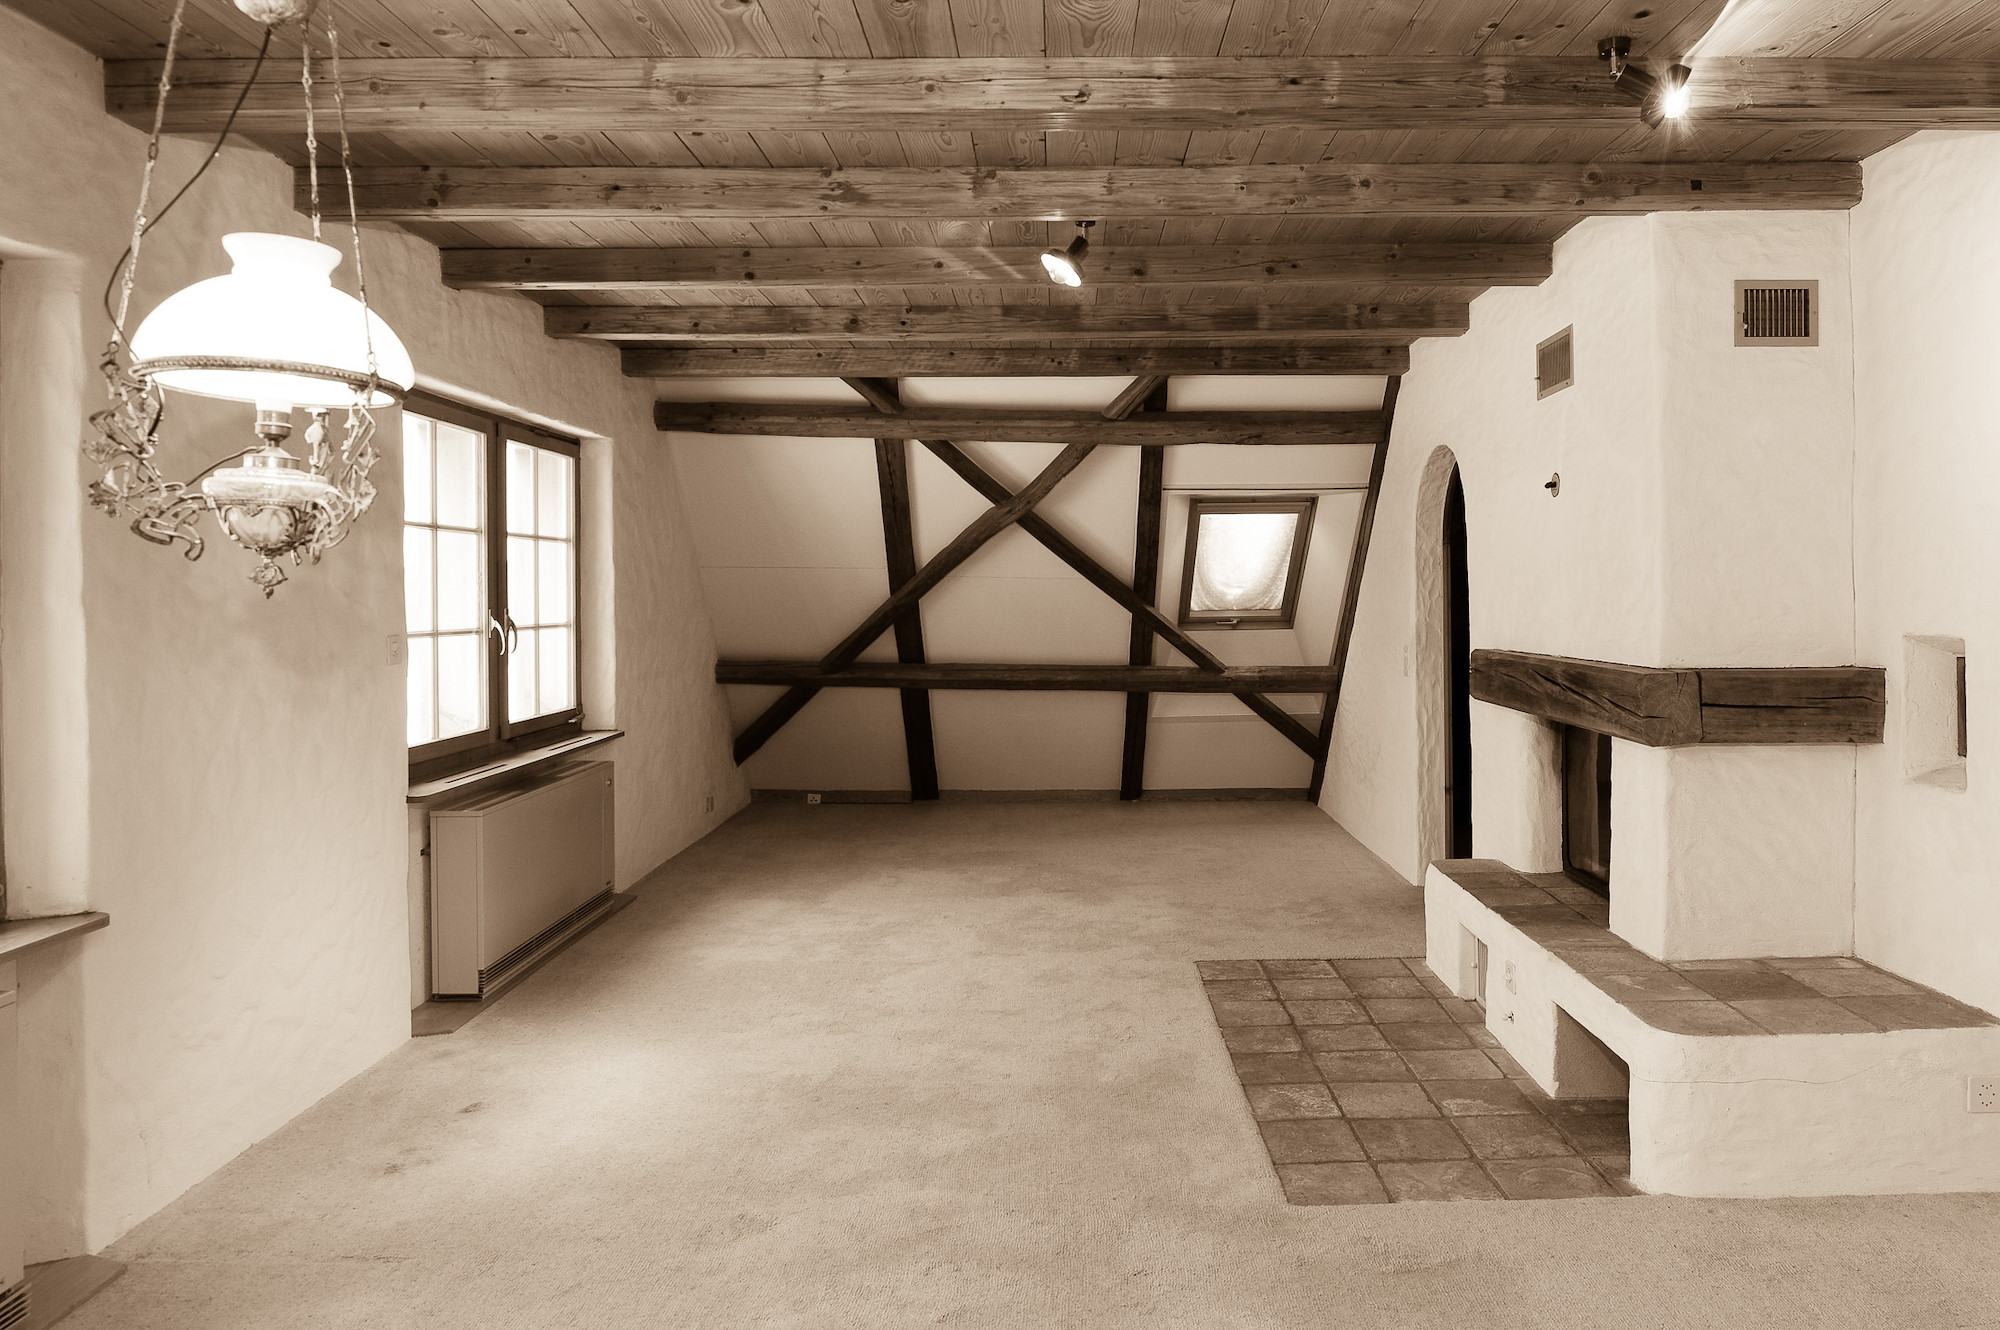 altes bauernhaus renovieren vorher nachher altes haus renovieren vorher nachher excellent. Black Bedroom Furniture Sets. Home Design Ideas